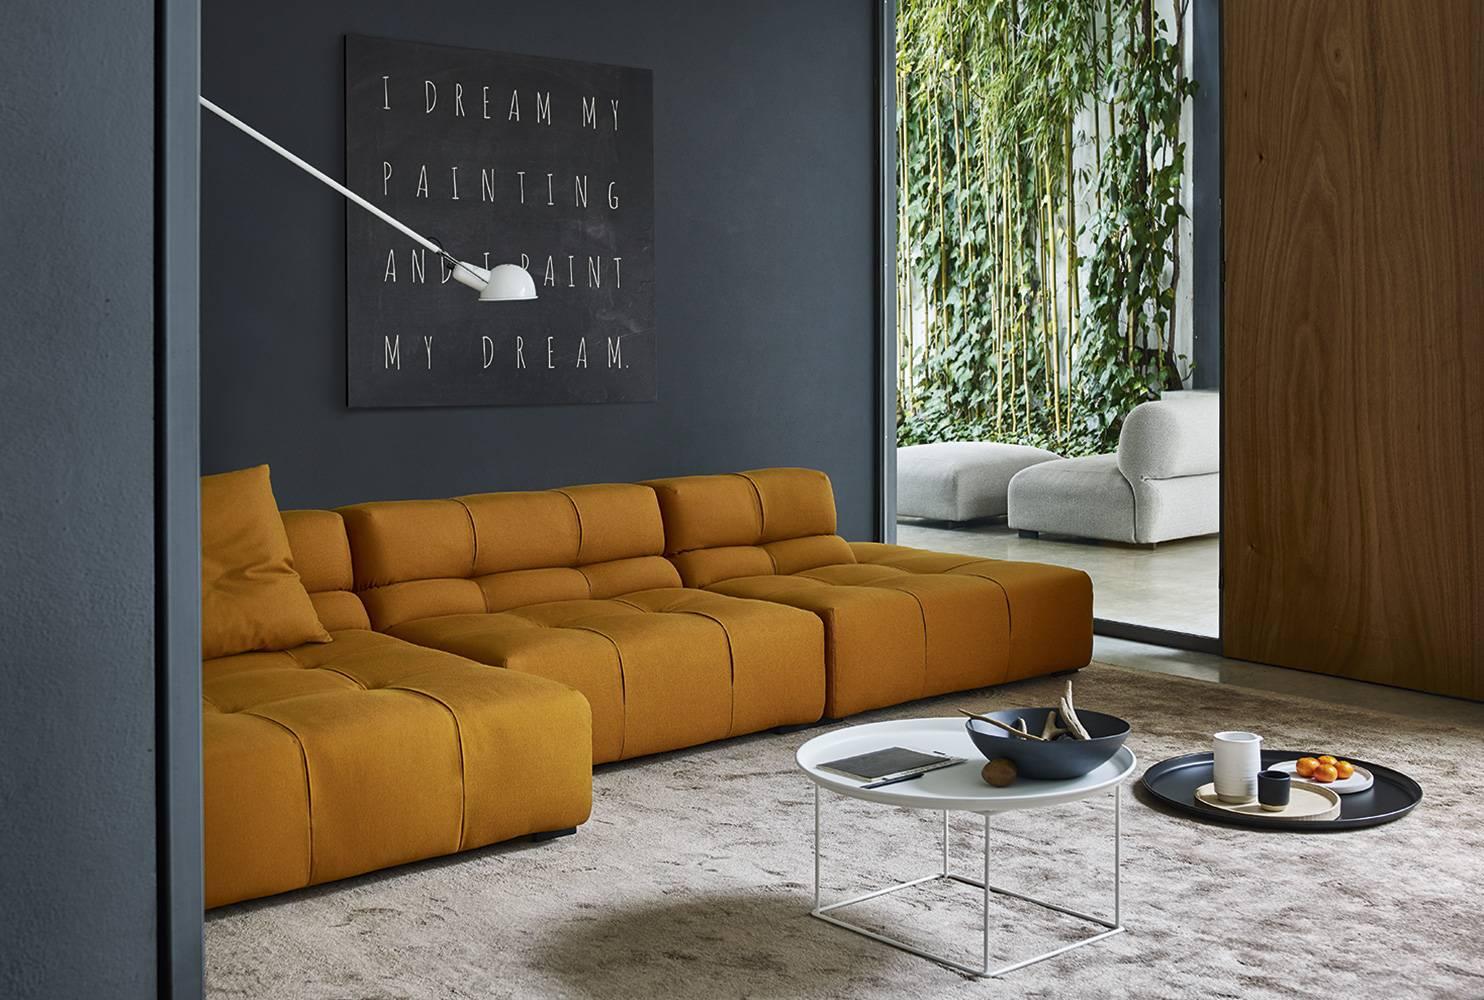 Tufty-Time 15 design Patricia Urquiola